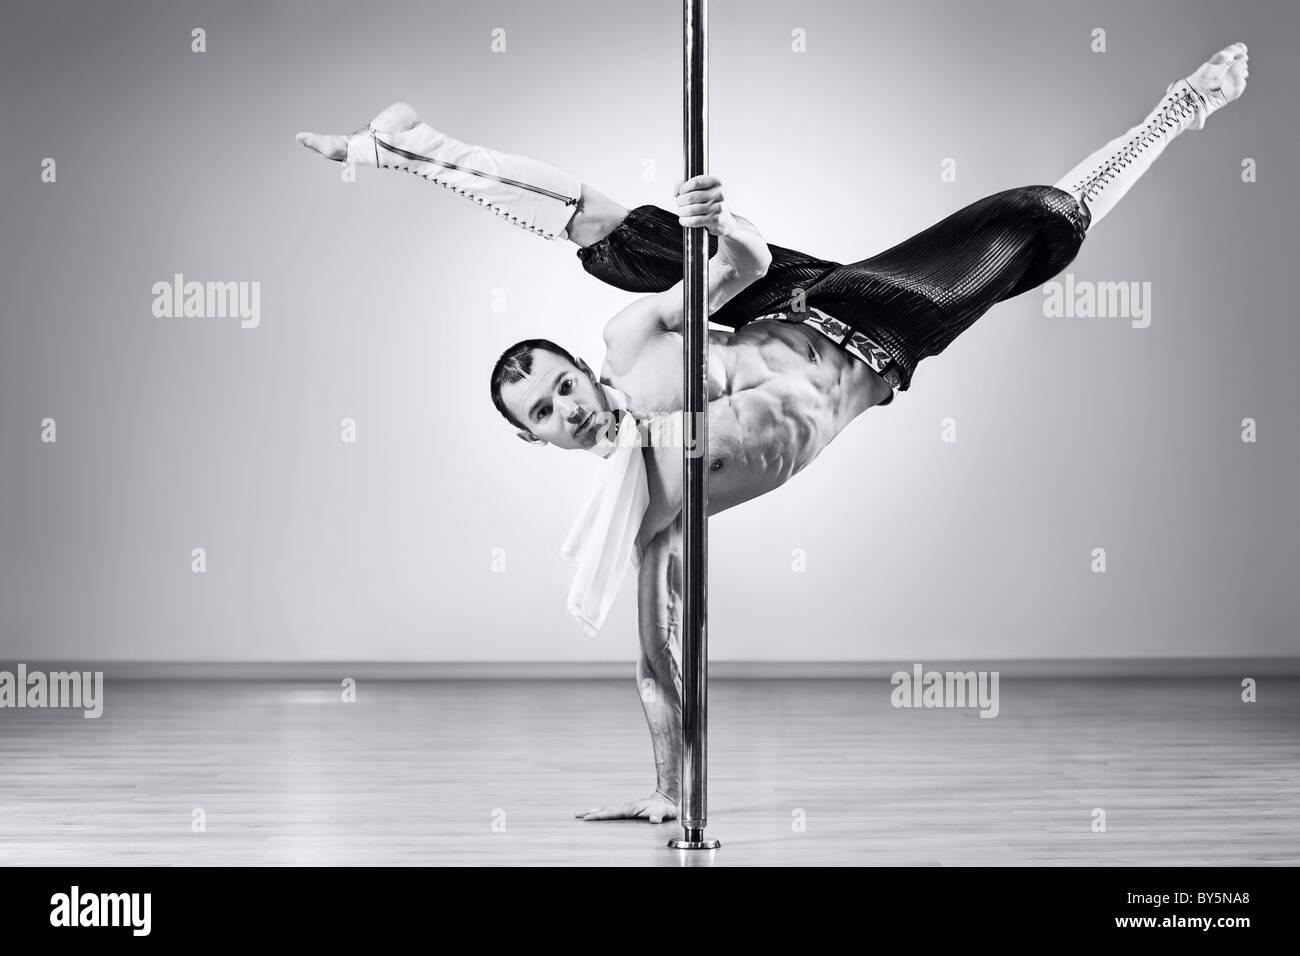 Joven hombre fuerte de pole dance. Los colores blanco y negro. Imagen De Stock